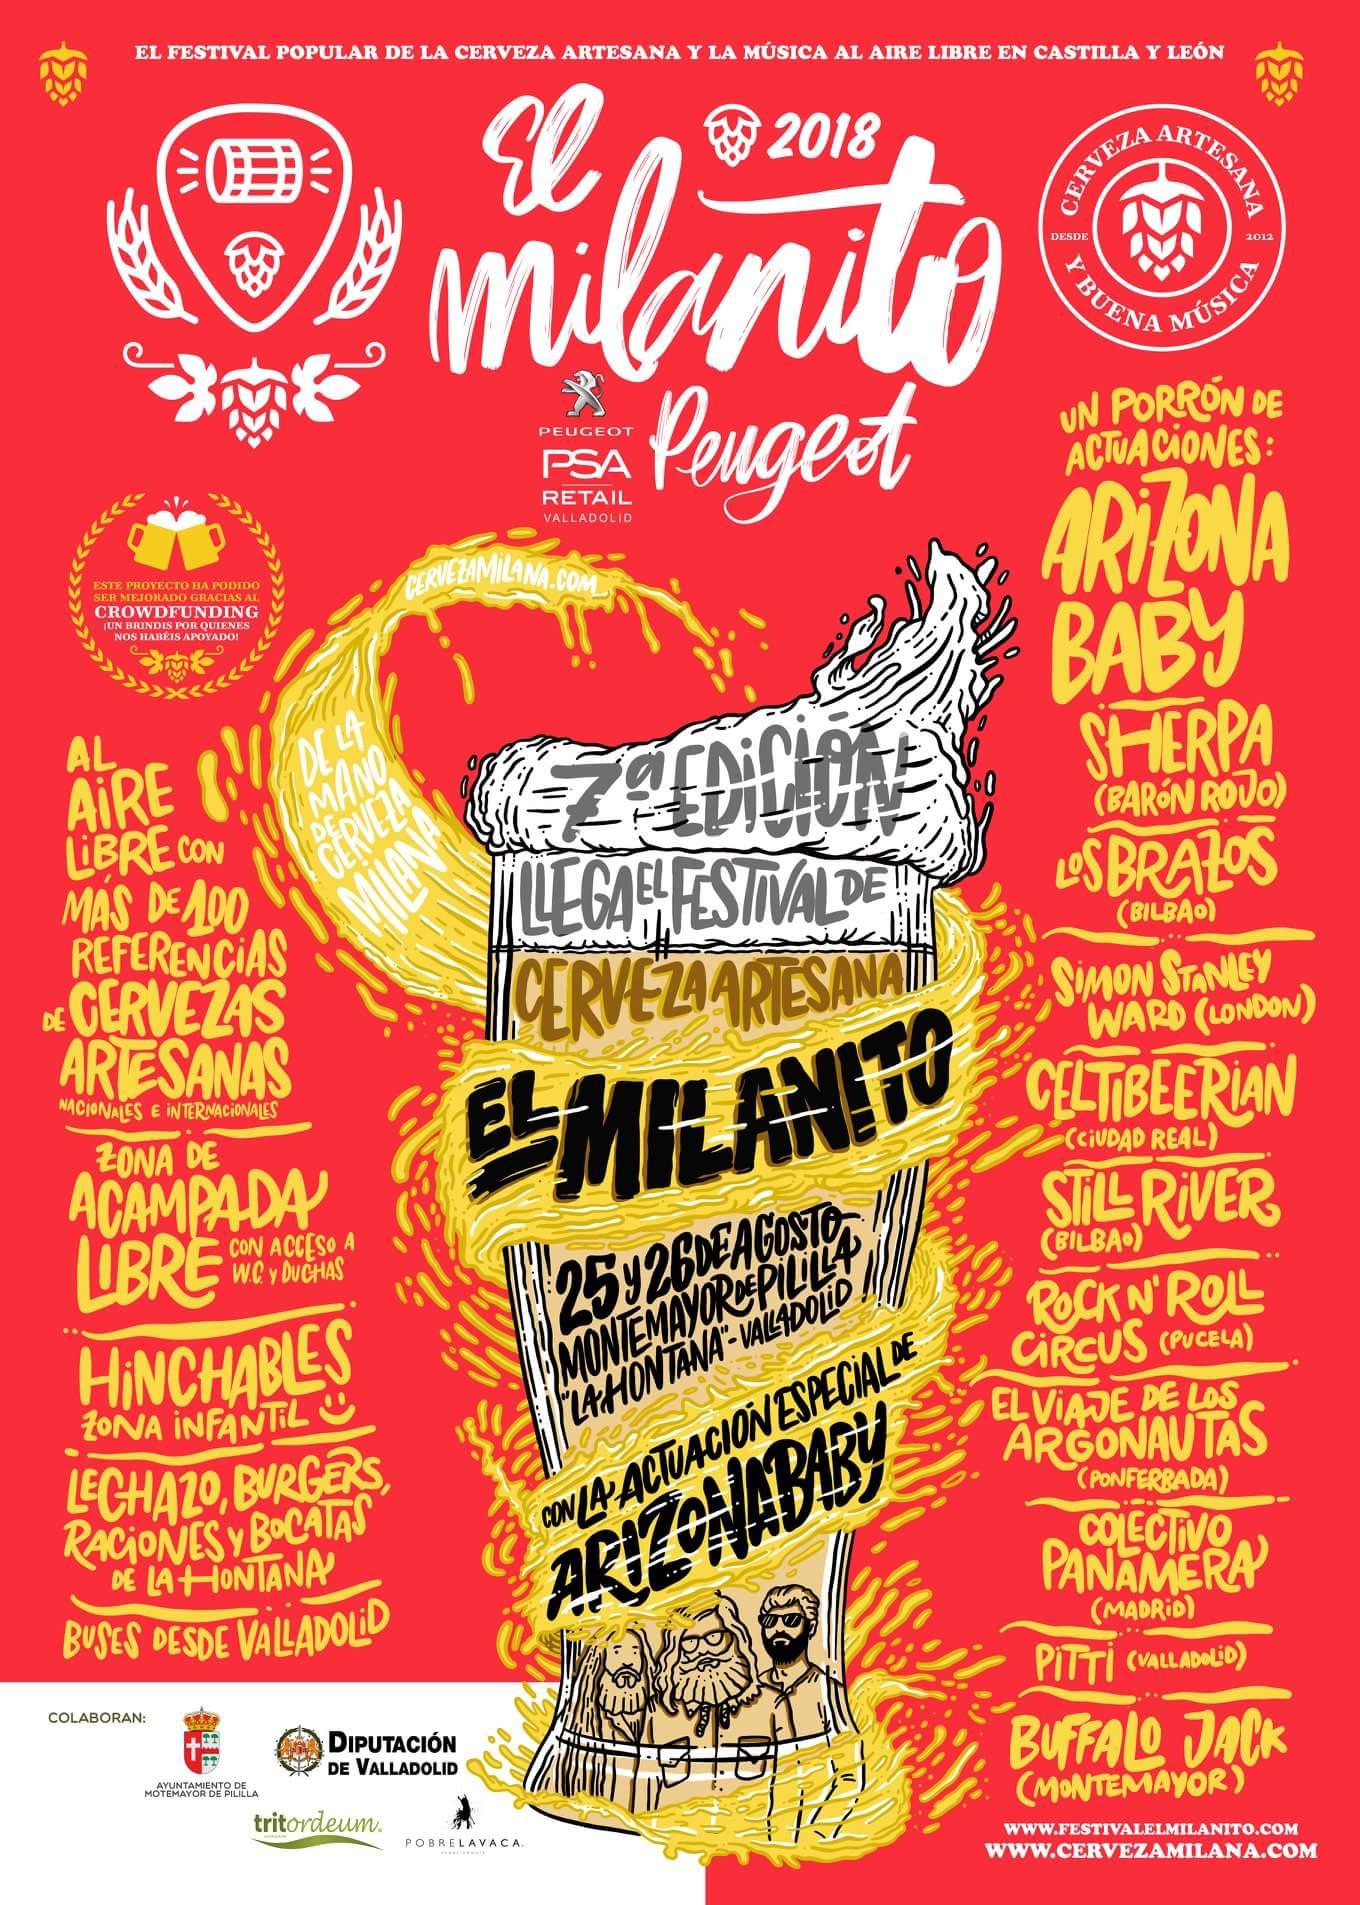 Los Brazos - Página 3 Milanito-2018